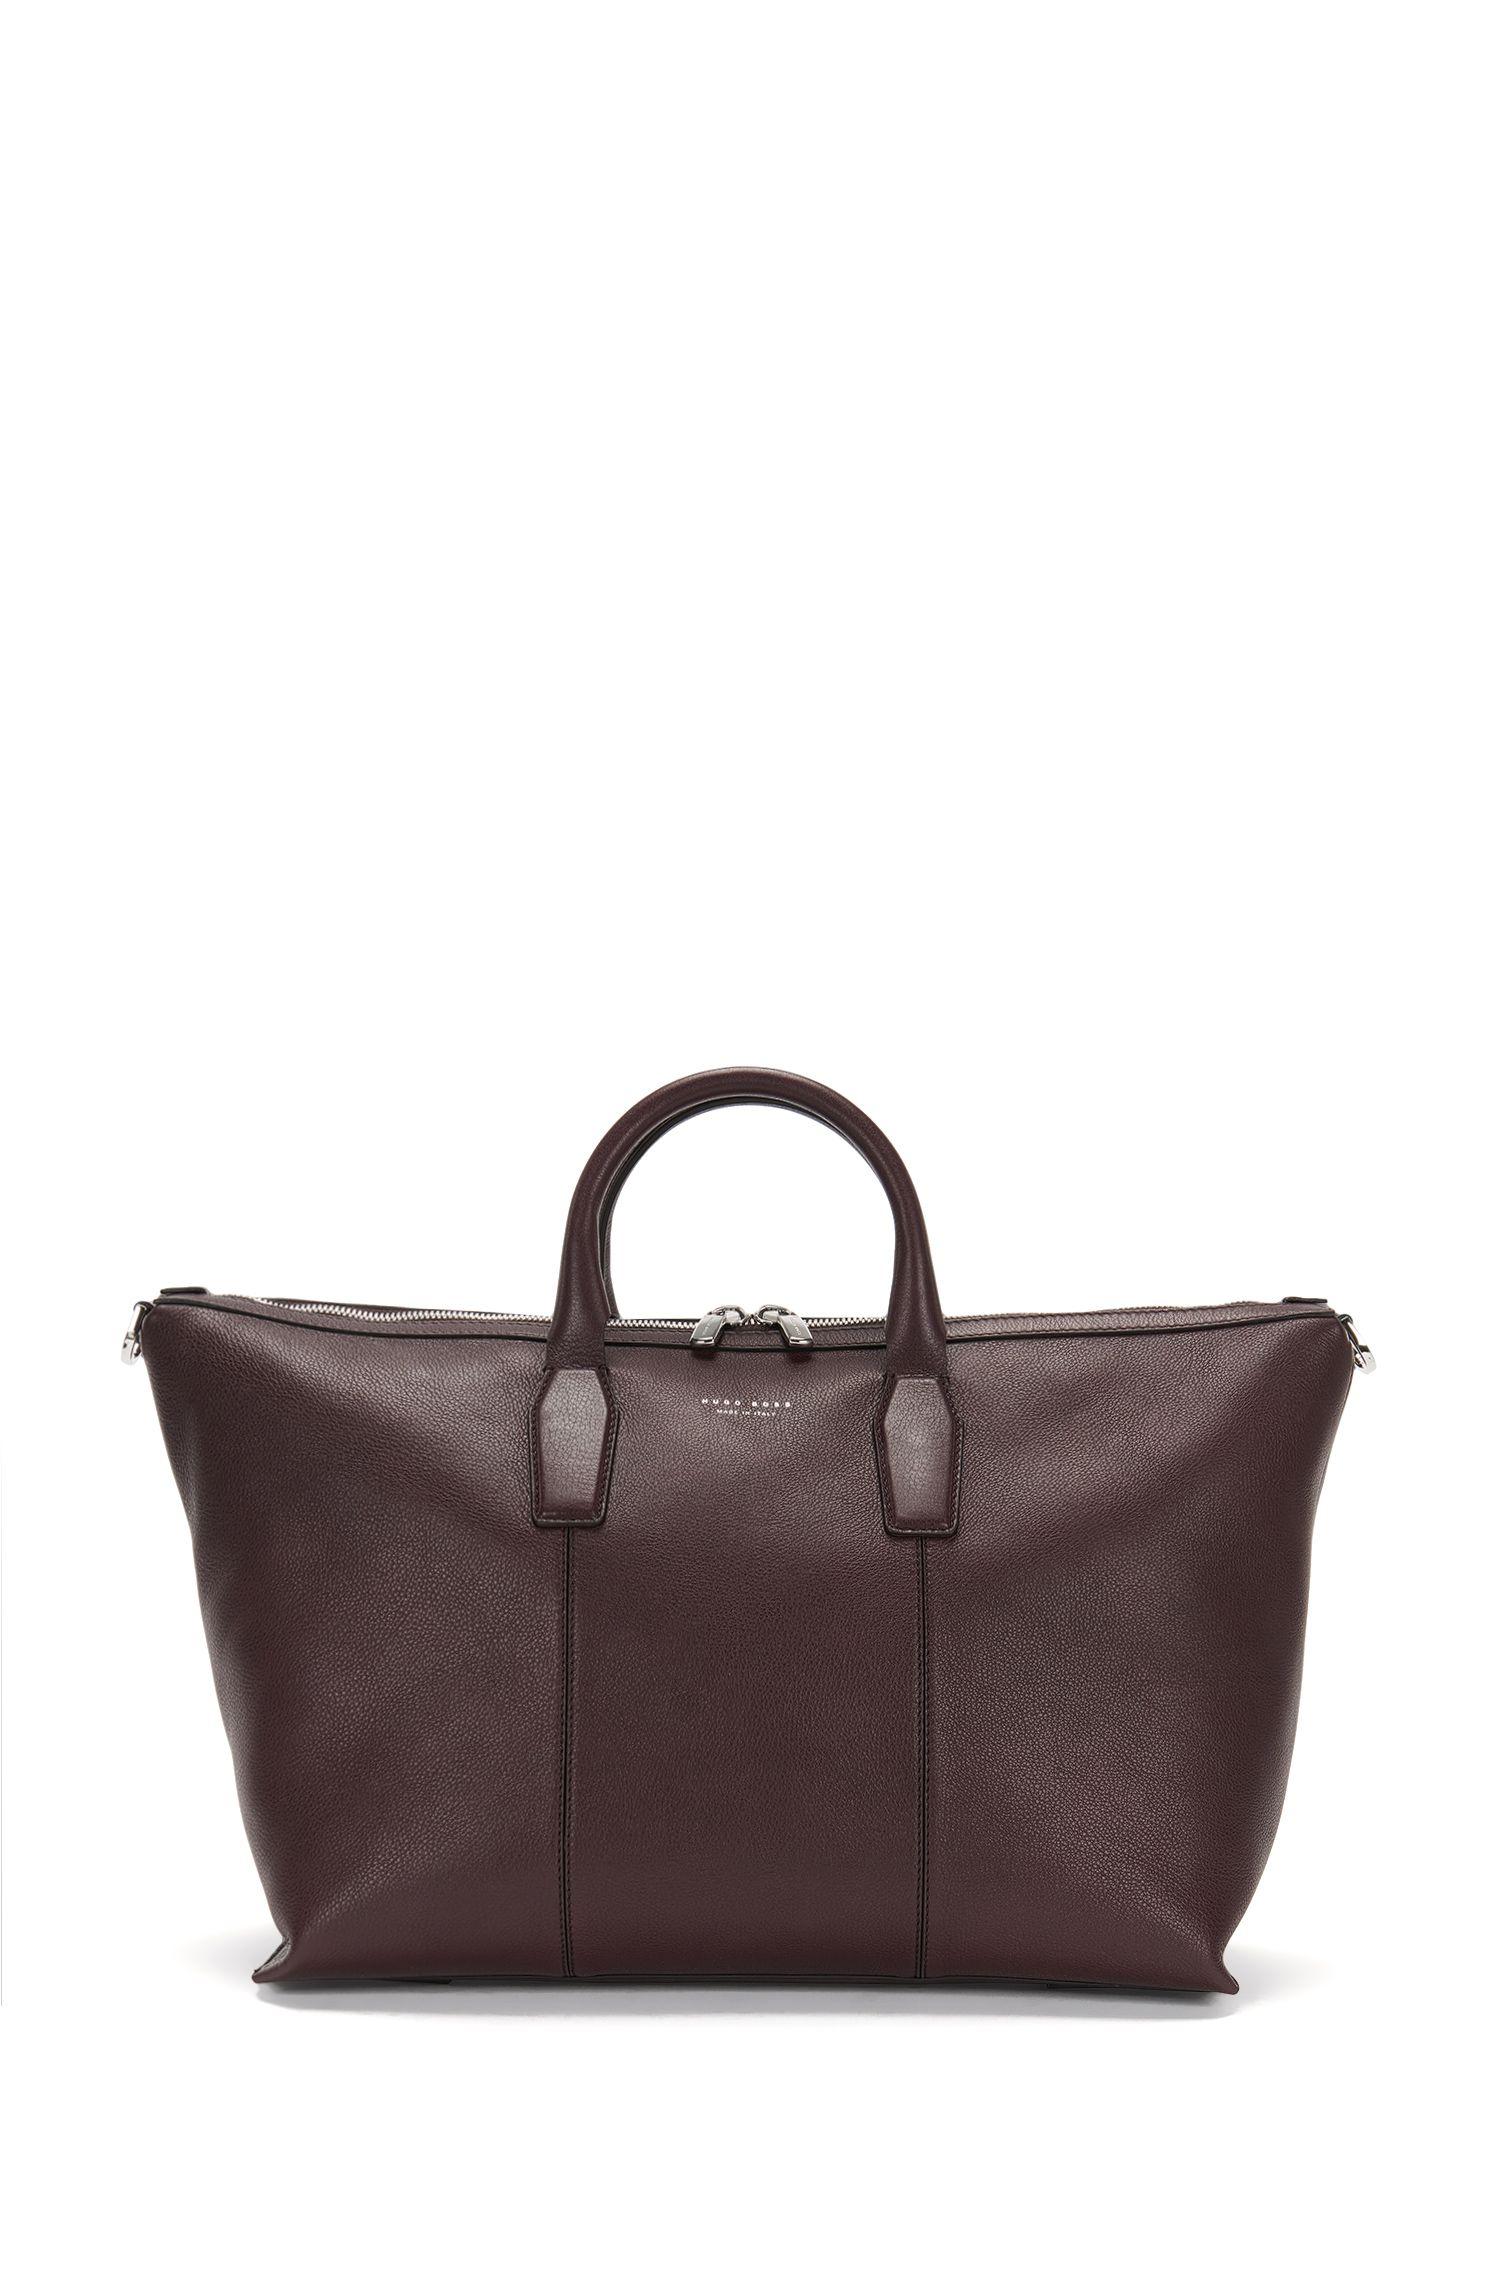 'Elite_Holdall' | Italian Leather Weekender Bag, Removable Shoulder Strap